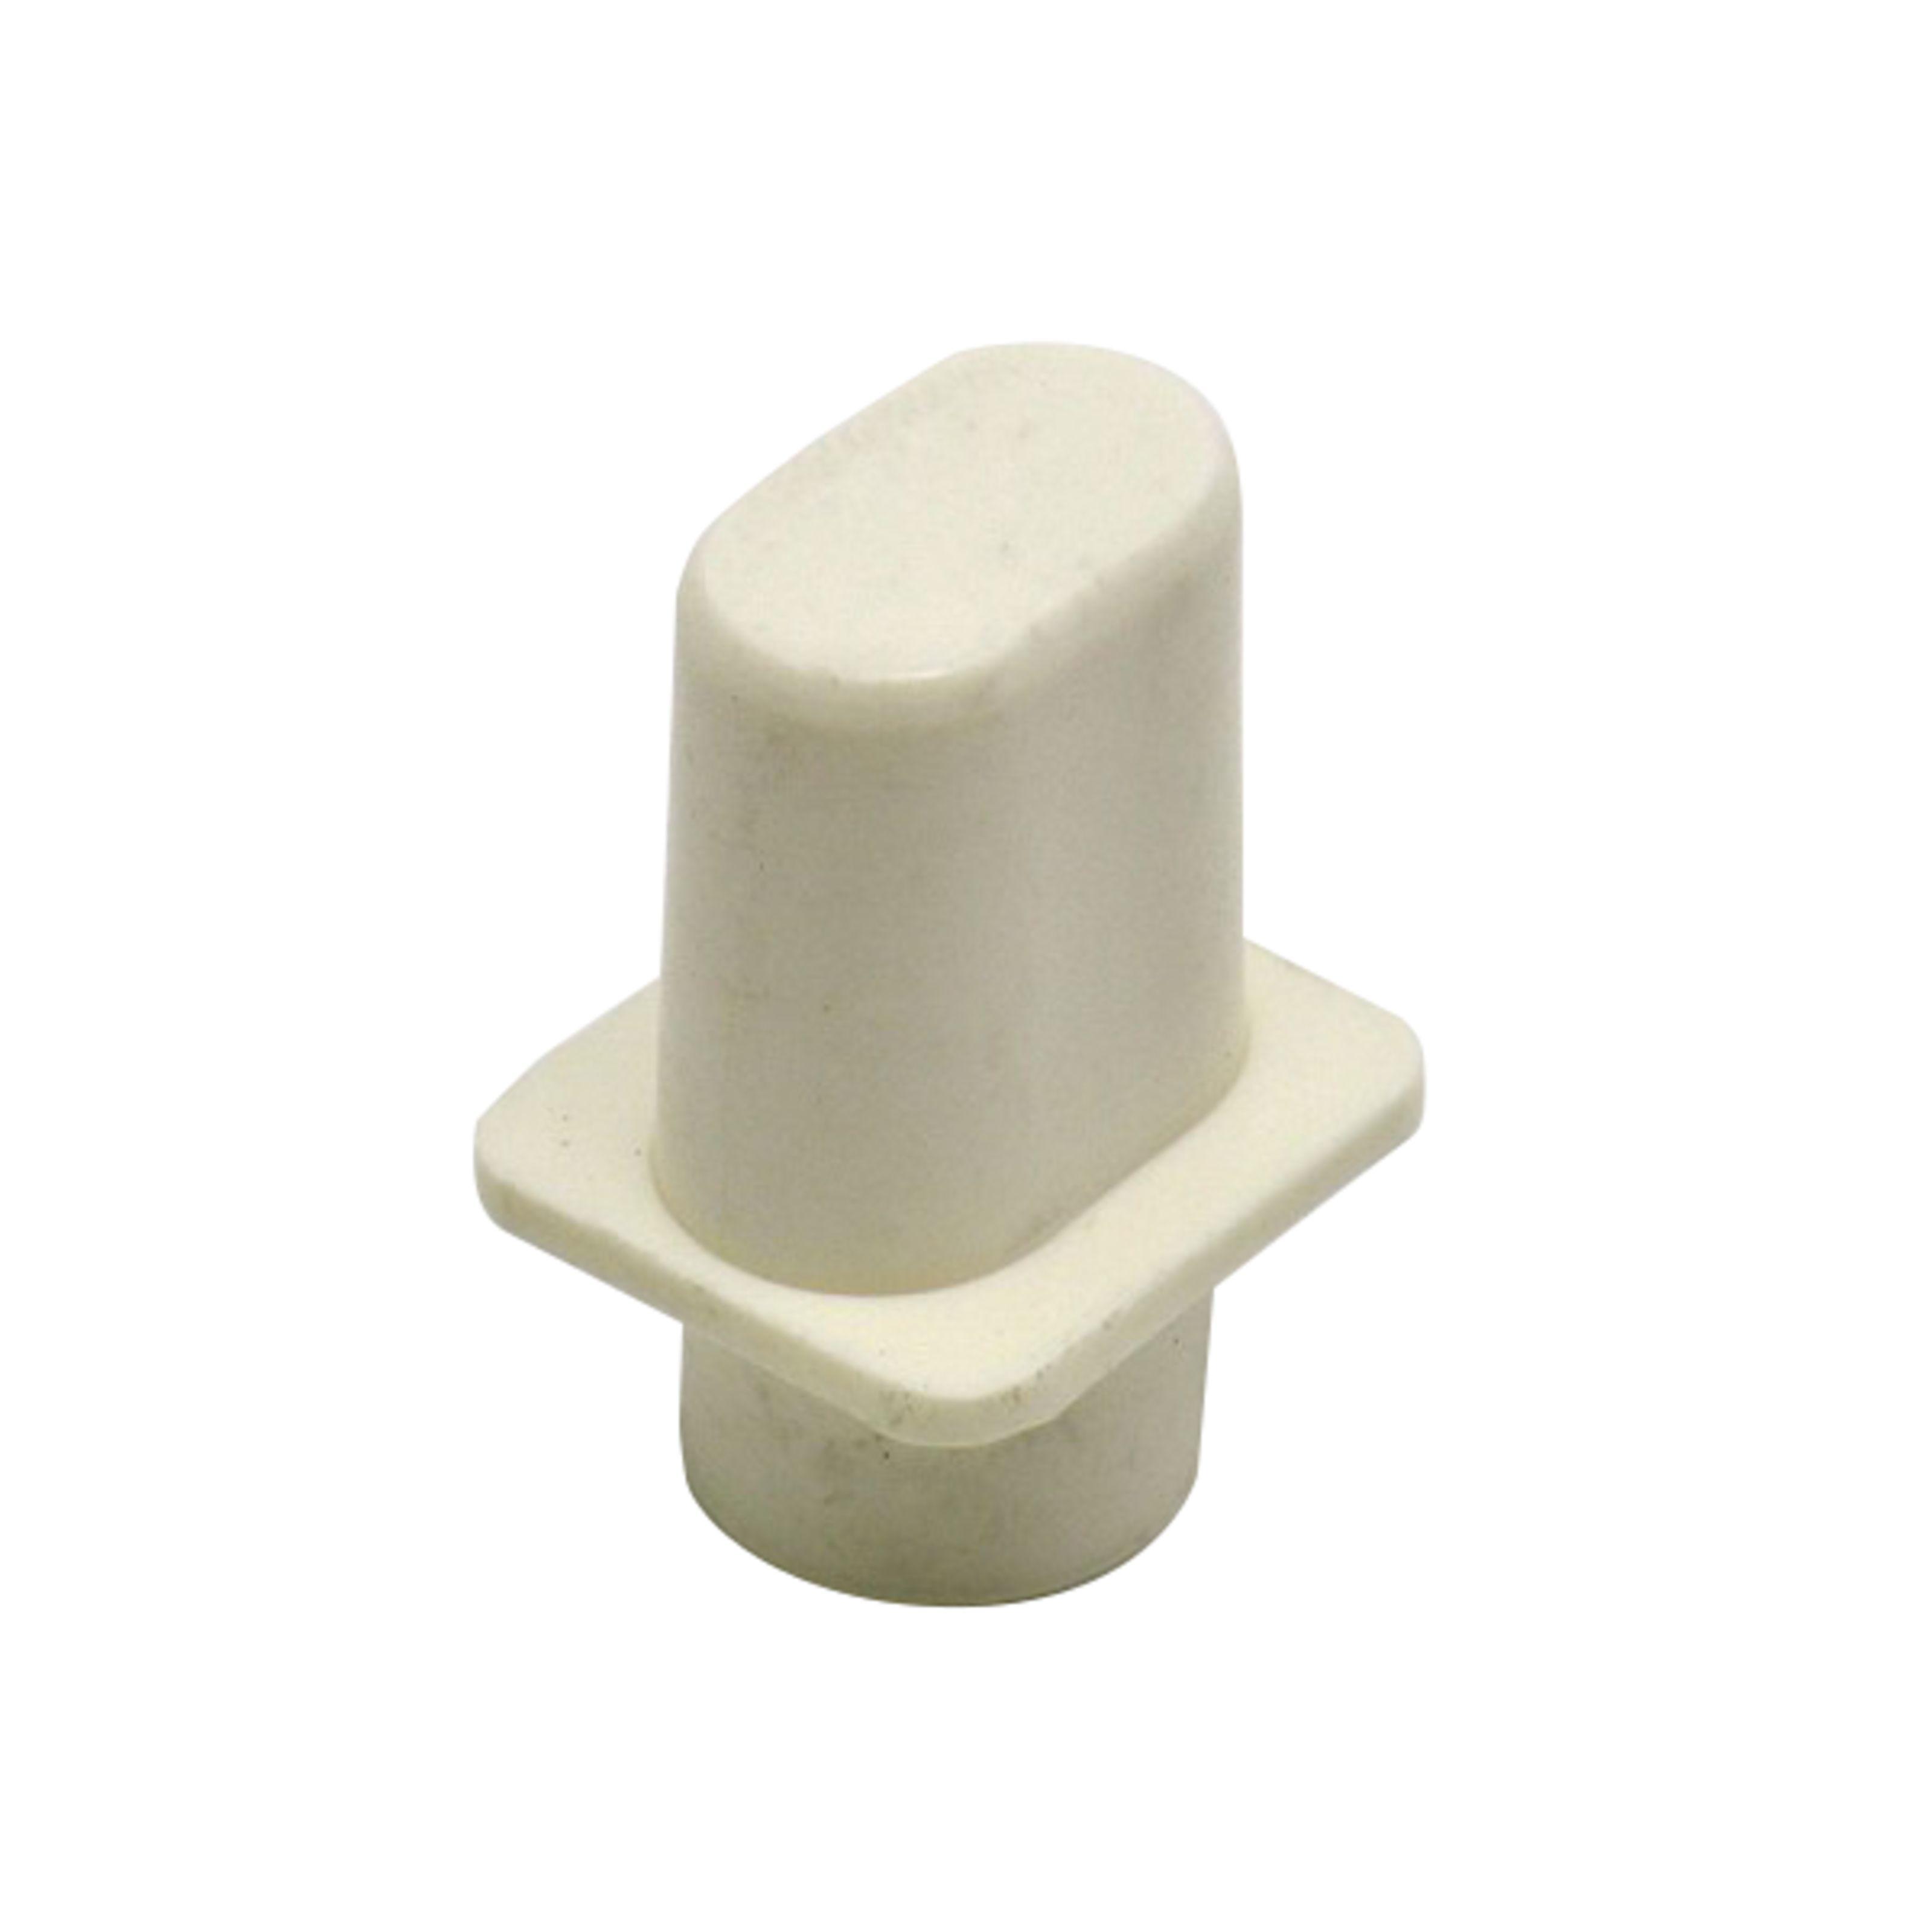 Göldo - ELT1W Knopf Tele-Schalter Weiß